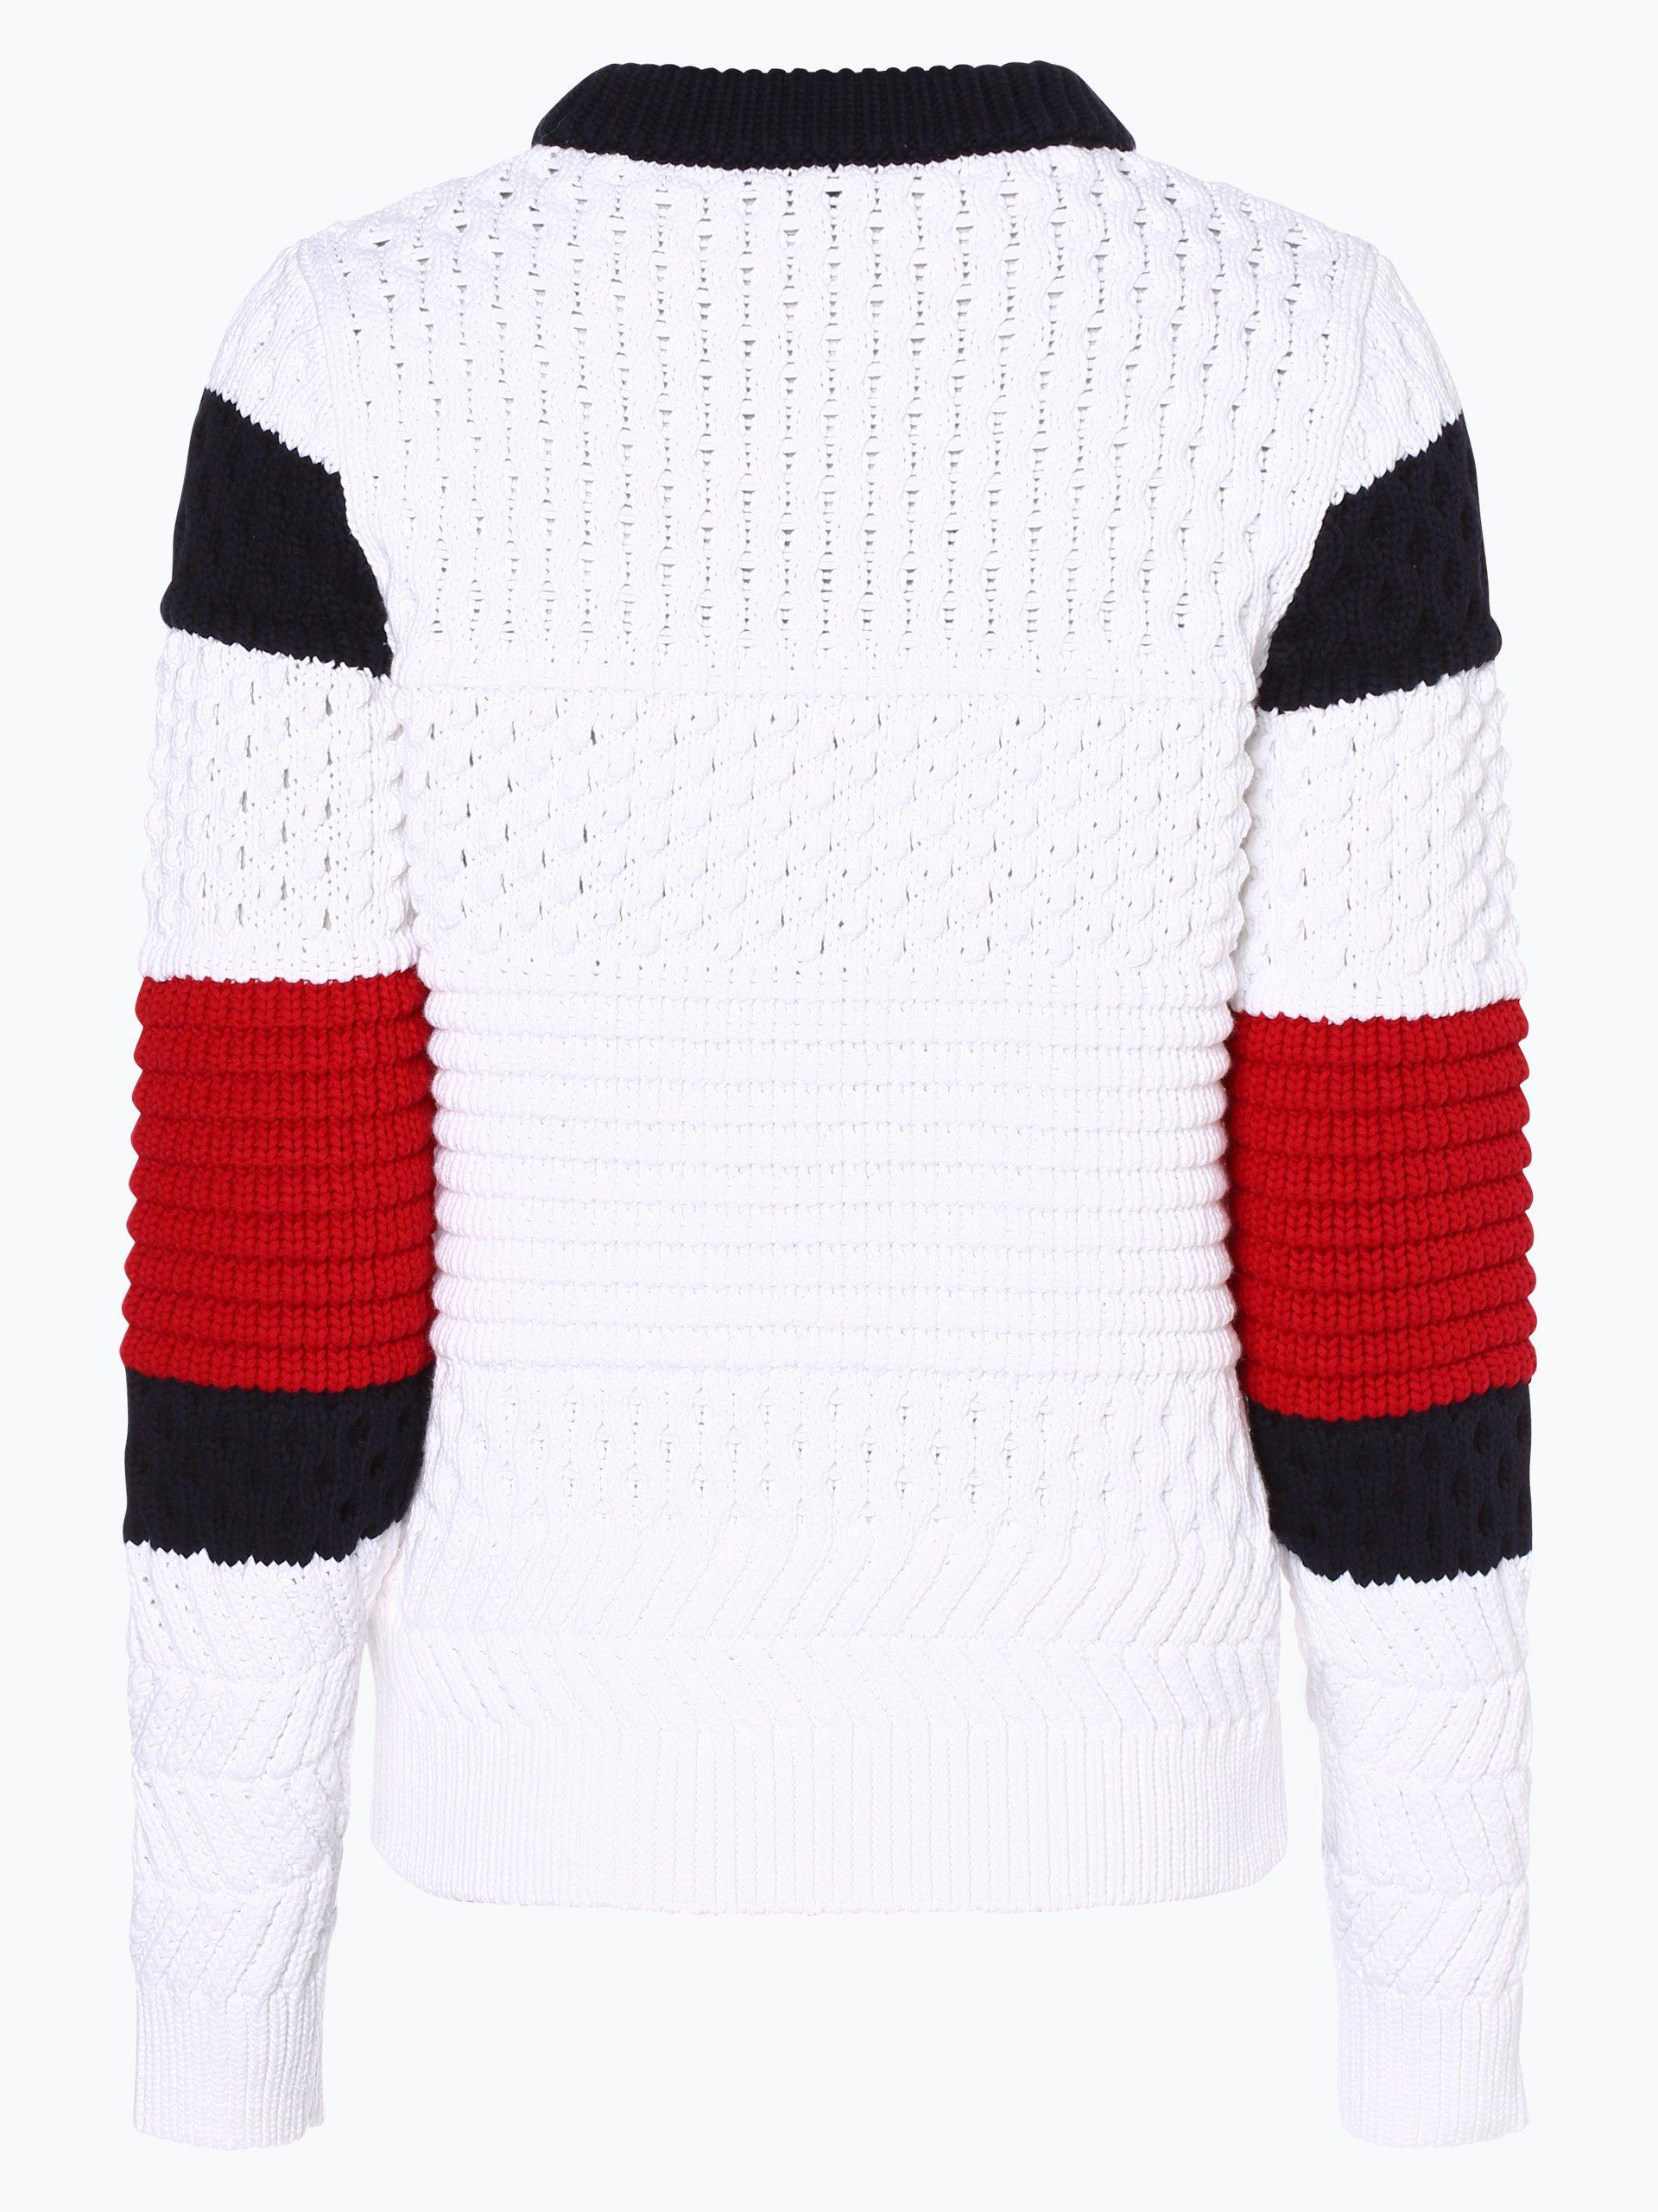 tommy hilfiger damen pullover wei gestreift online kaufen. Black Bedroom Furniture Sets. Home Design Ideas